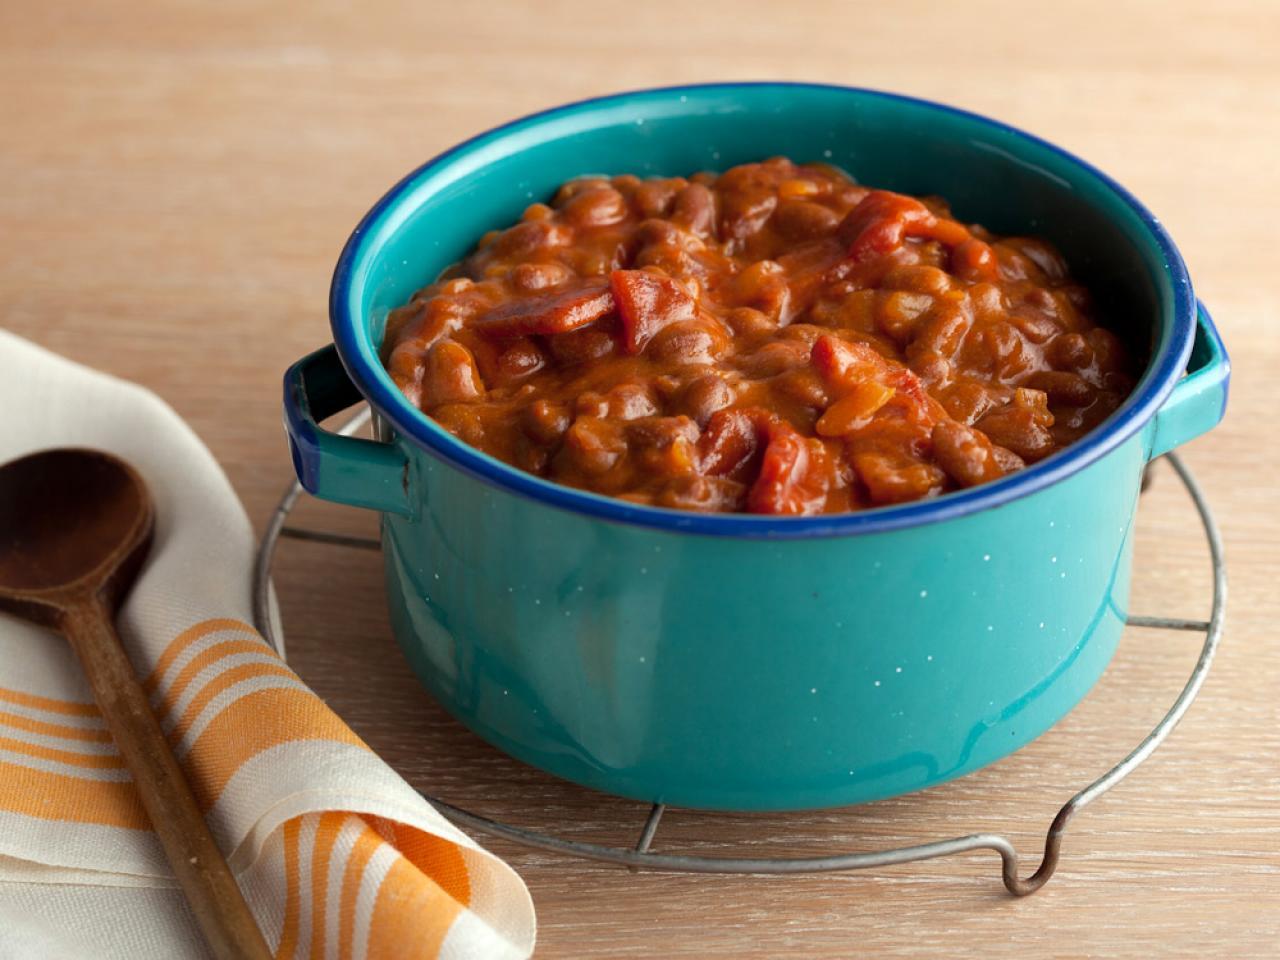 фасоль в томатном соусе с фото предварительным данным, развлекалась